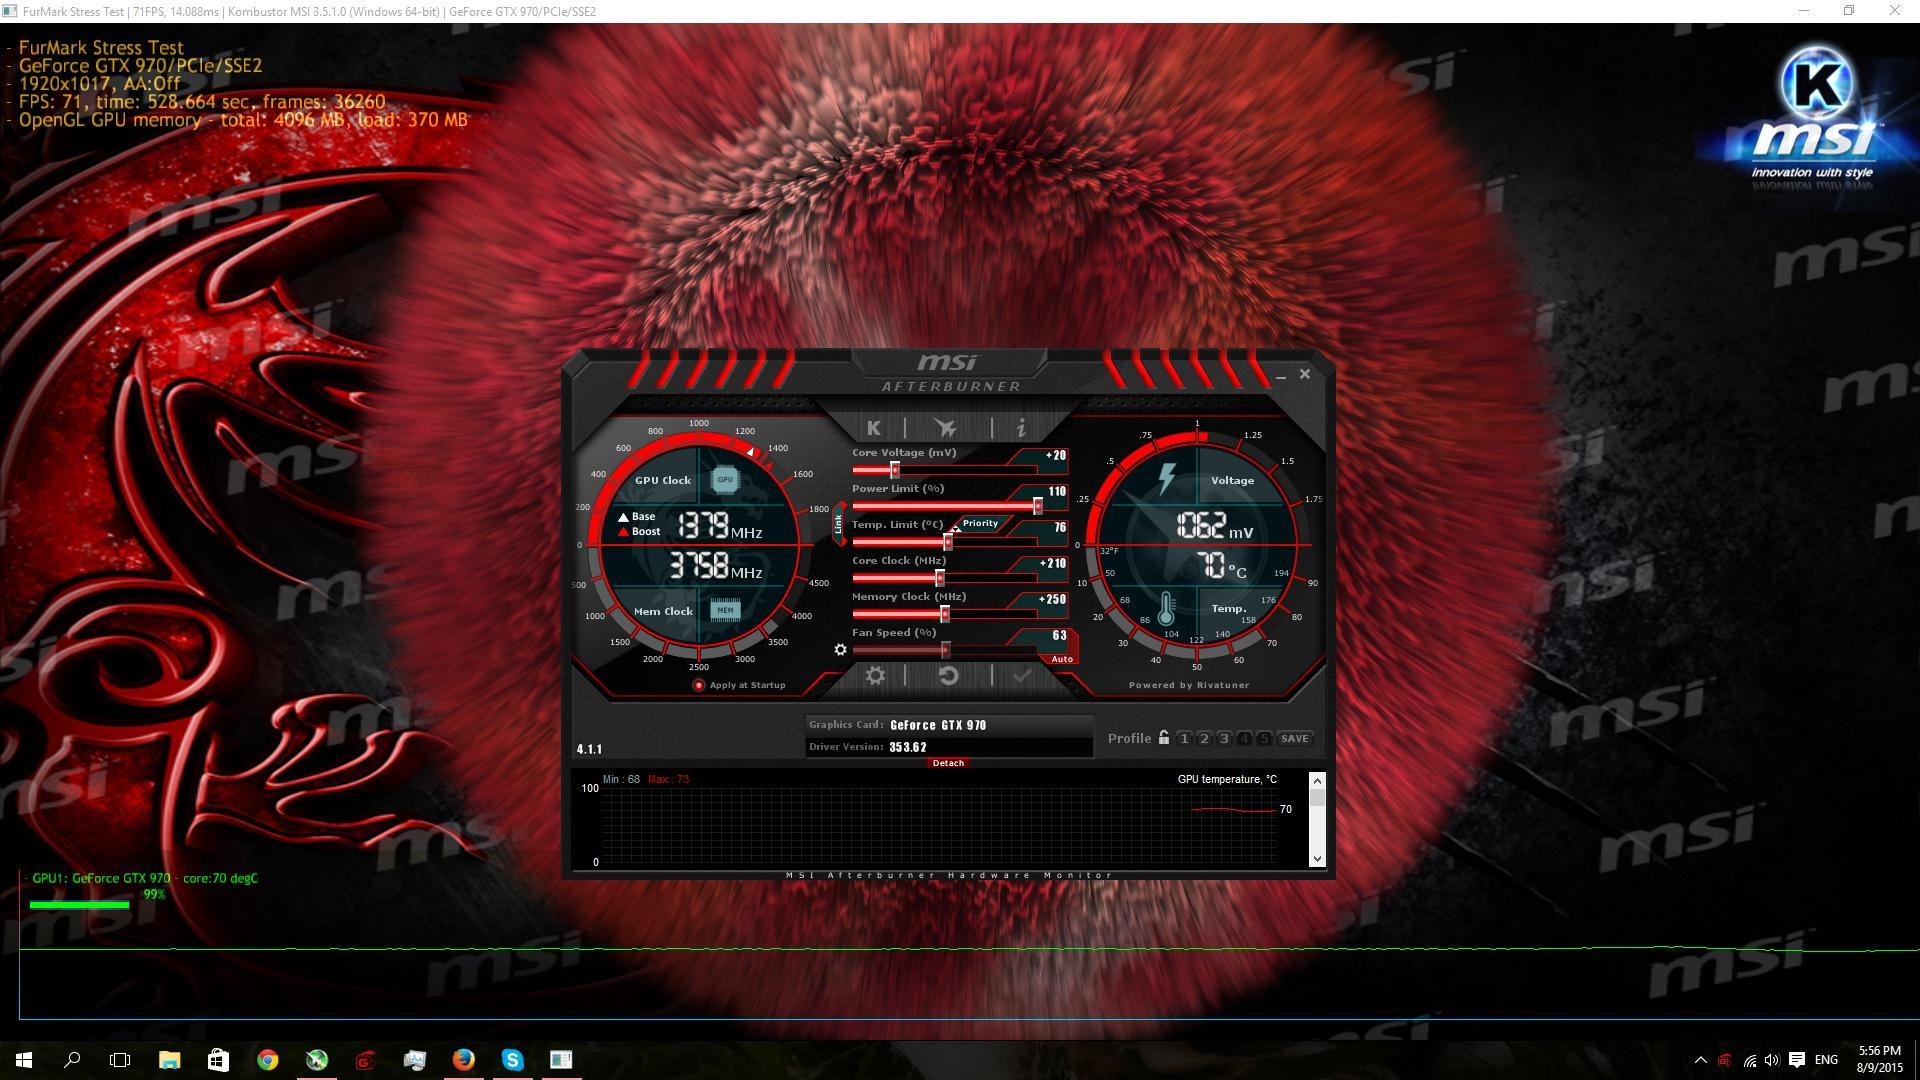 wallpaper 4g,red,text,screenshot,technology,font